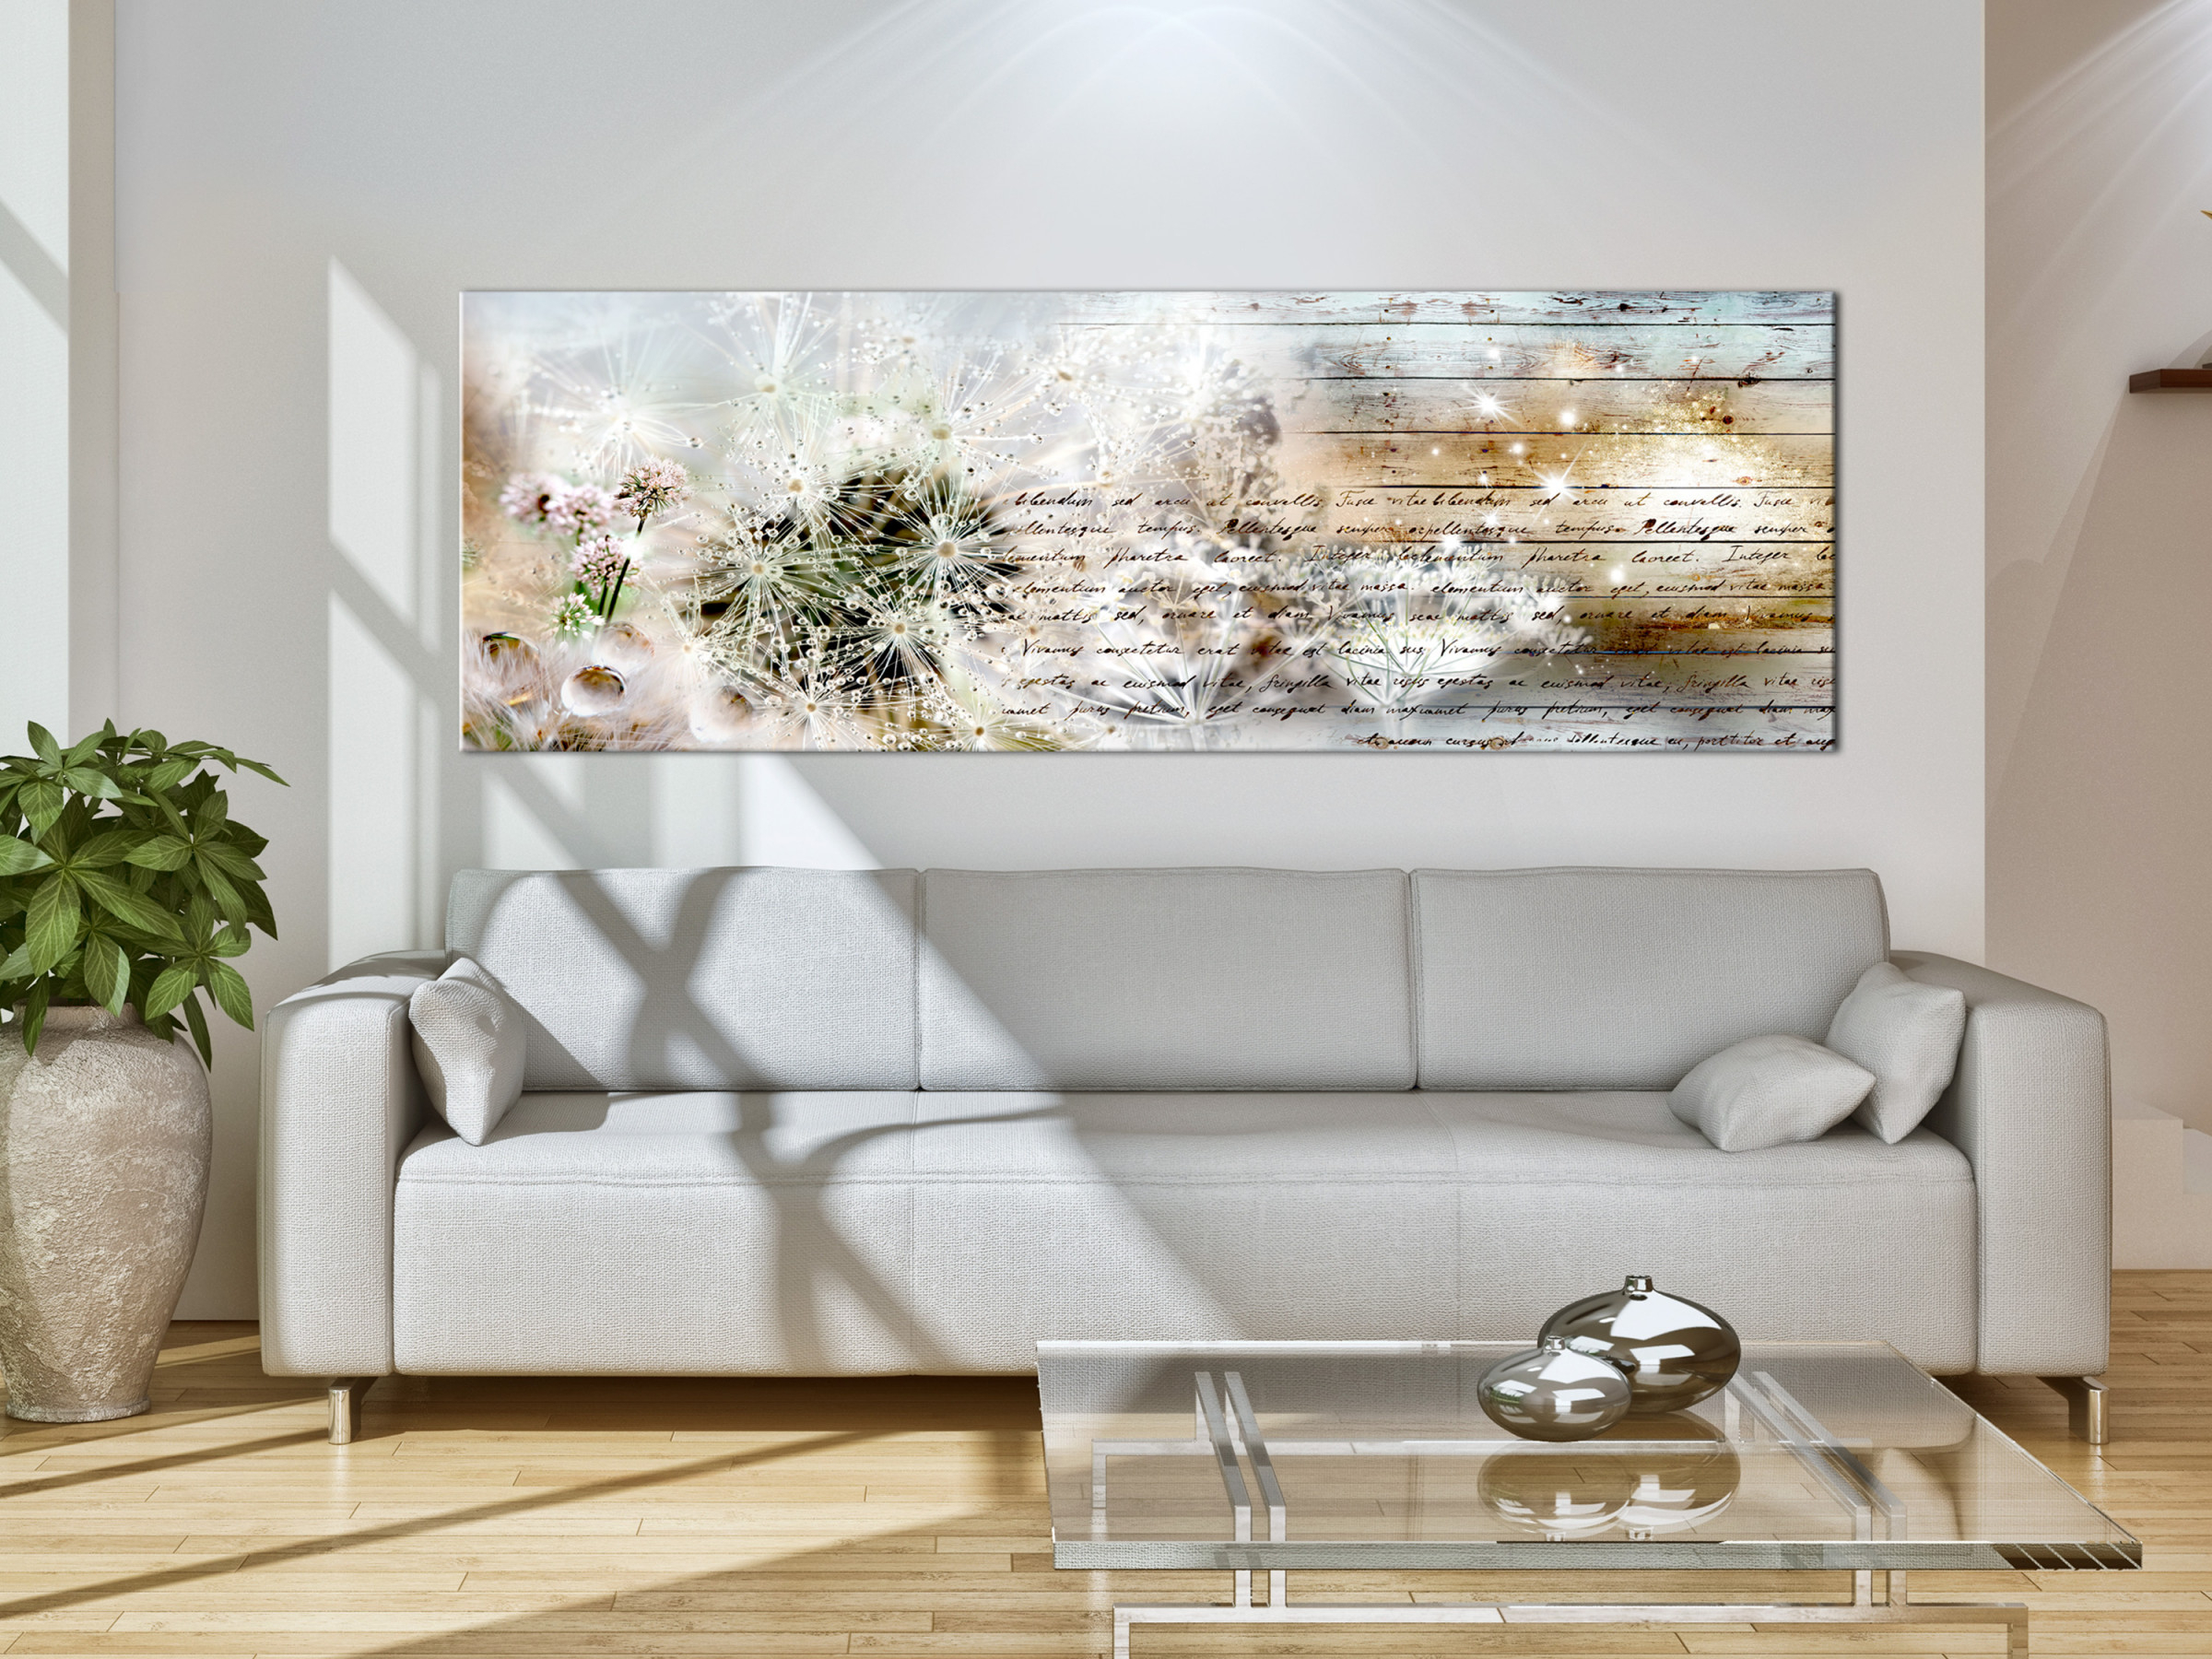 Details Zu Pusteblume Natur Vintage Wandbilder Xxl Bilder Vlies Leinwand  Fc0172Bb von Wohnzimmer Bilder Xxl Photo